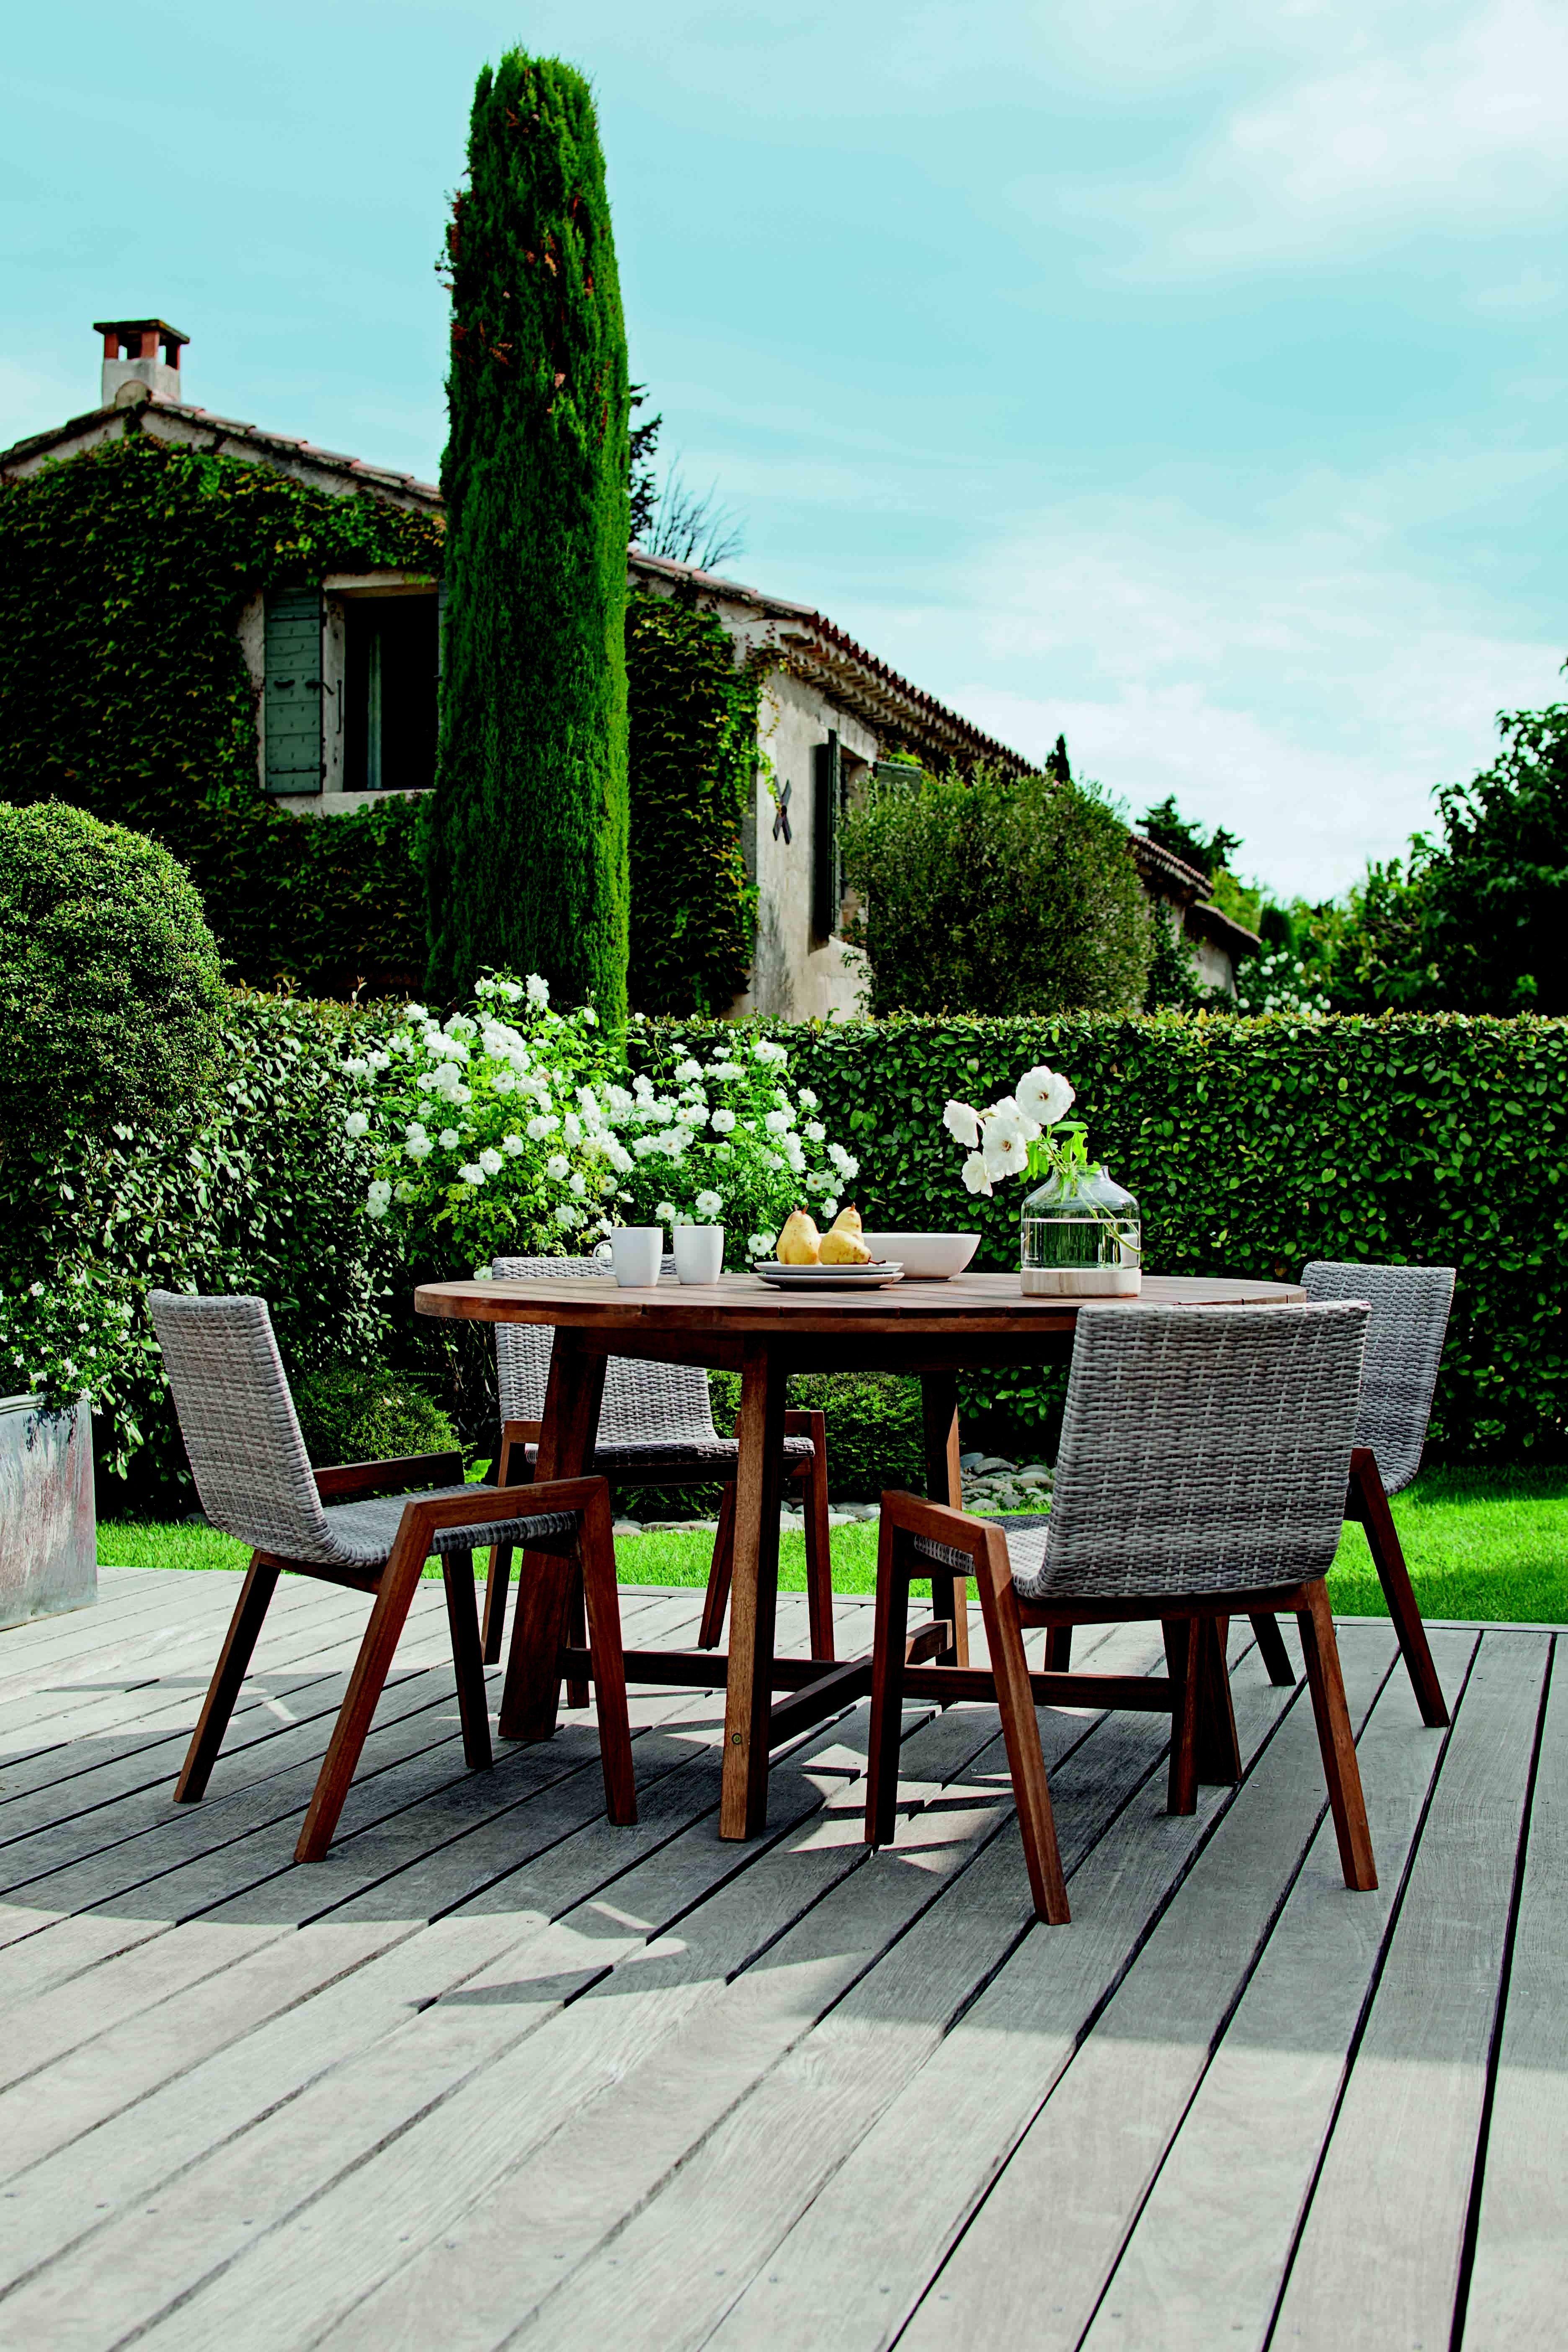 Salon de jardin alu jardiland - Mailleraye.fr jardin